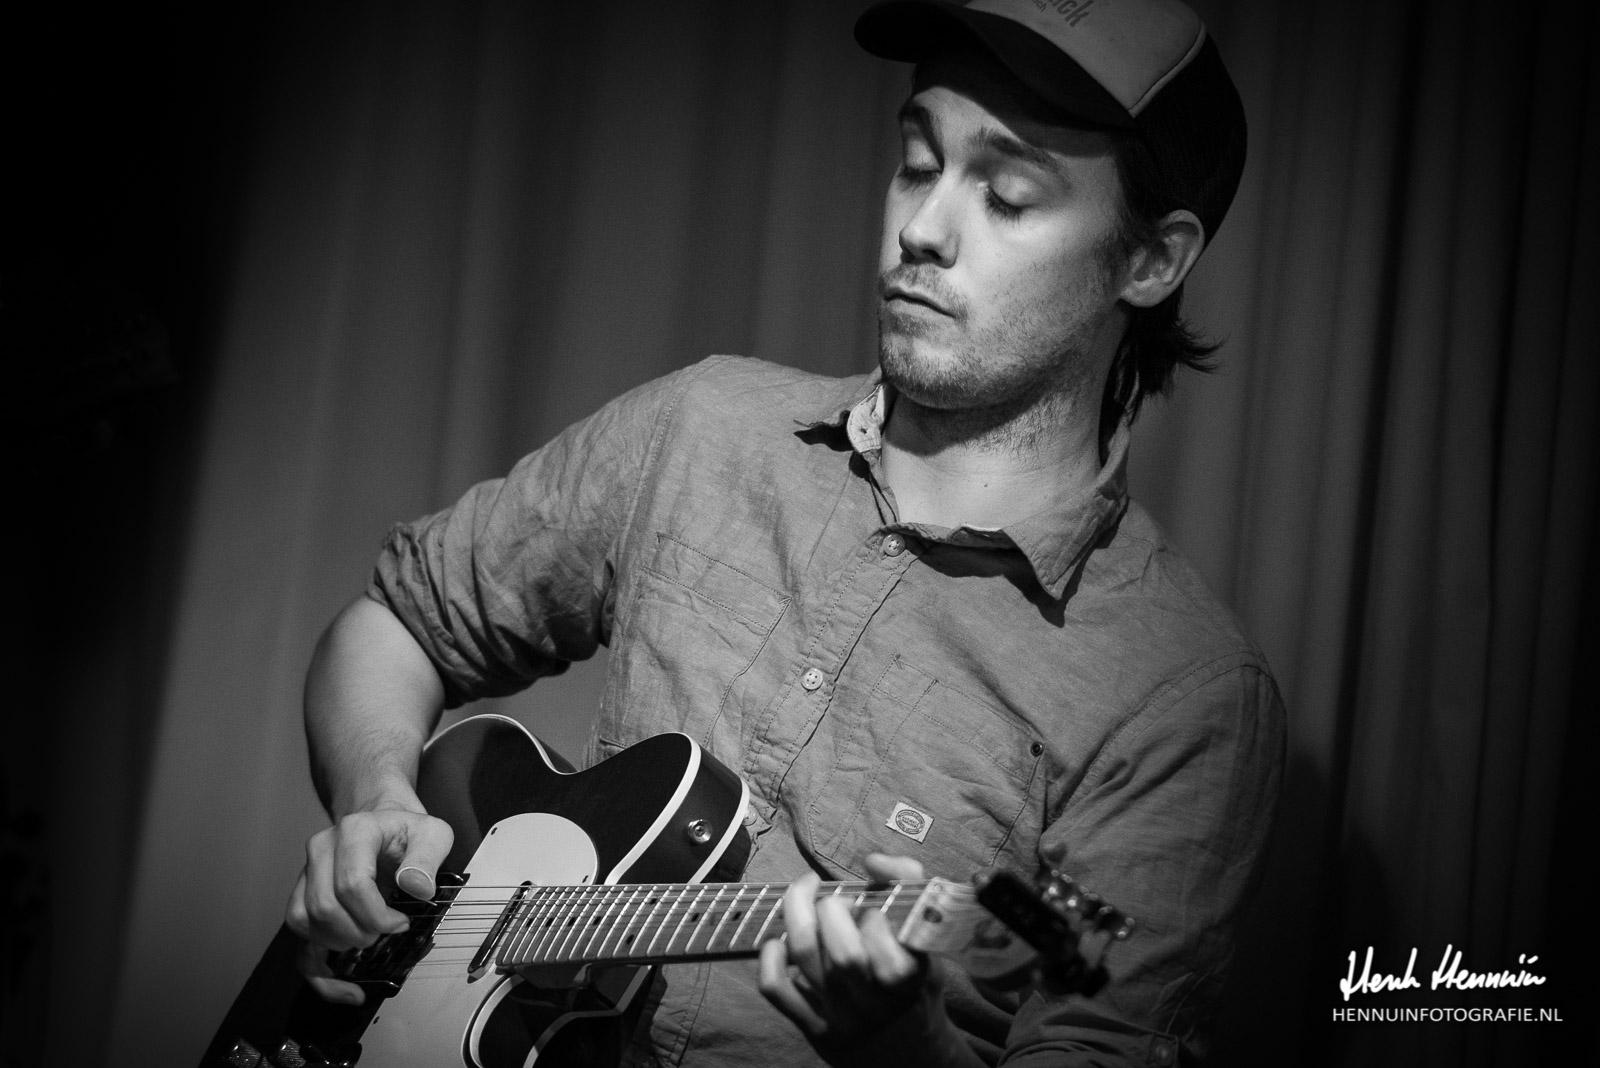 Cousin Hatfield Concertfoto gitaar